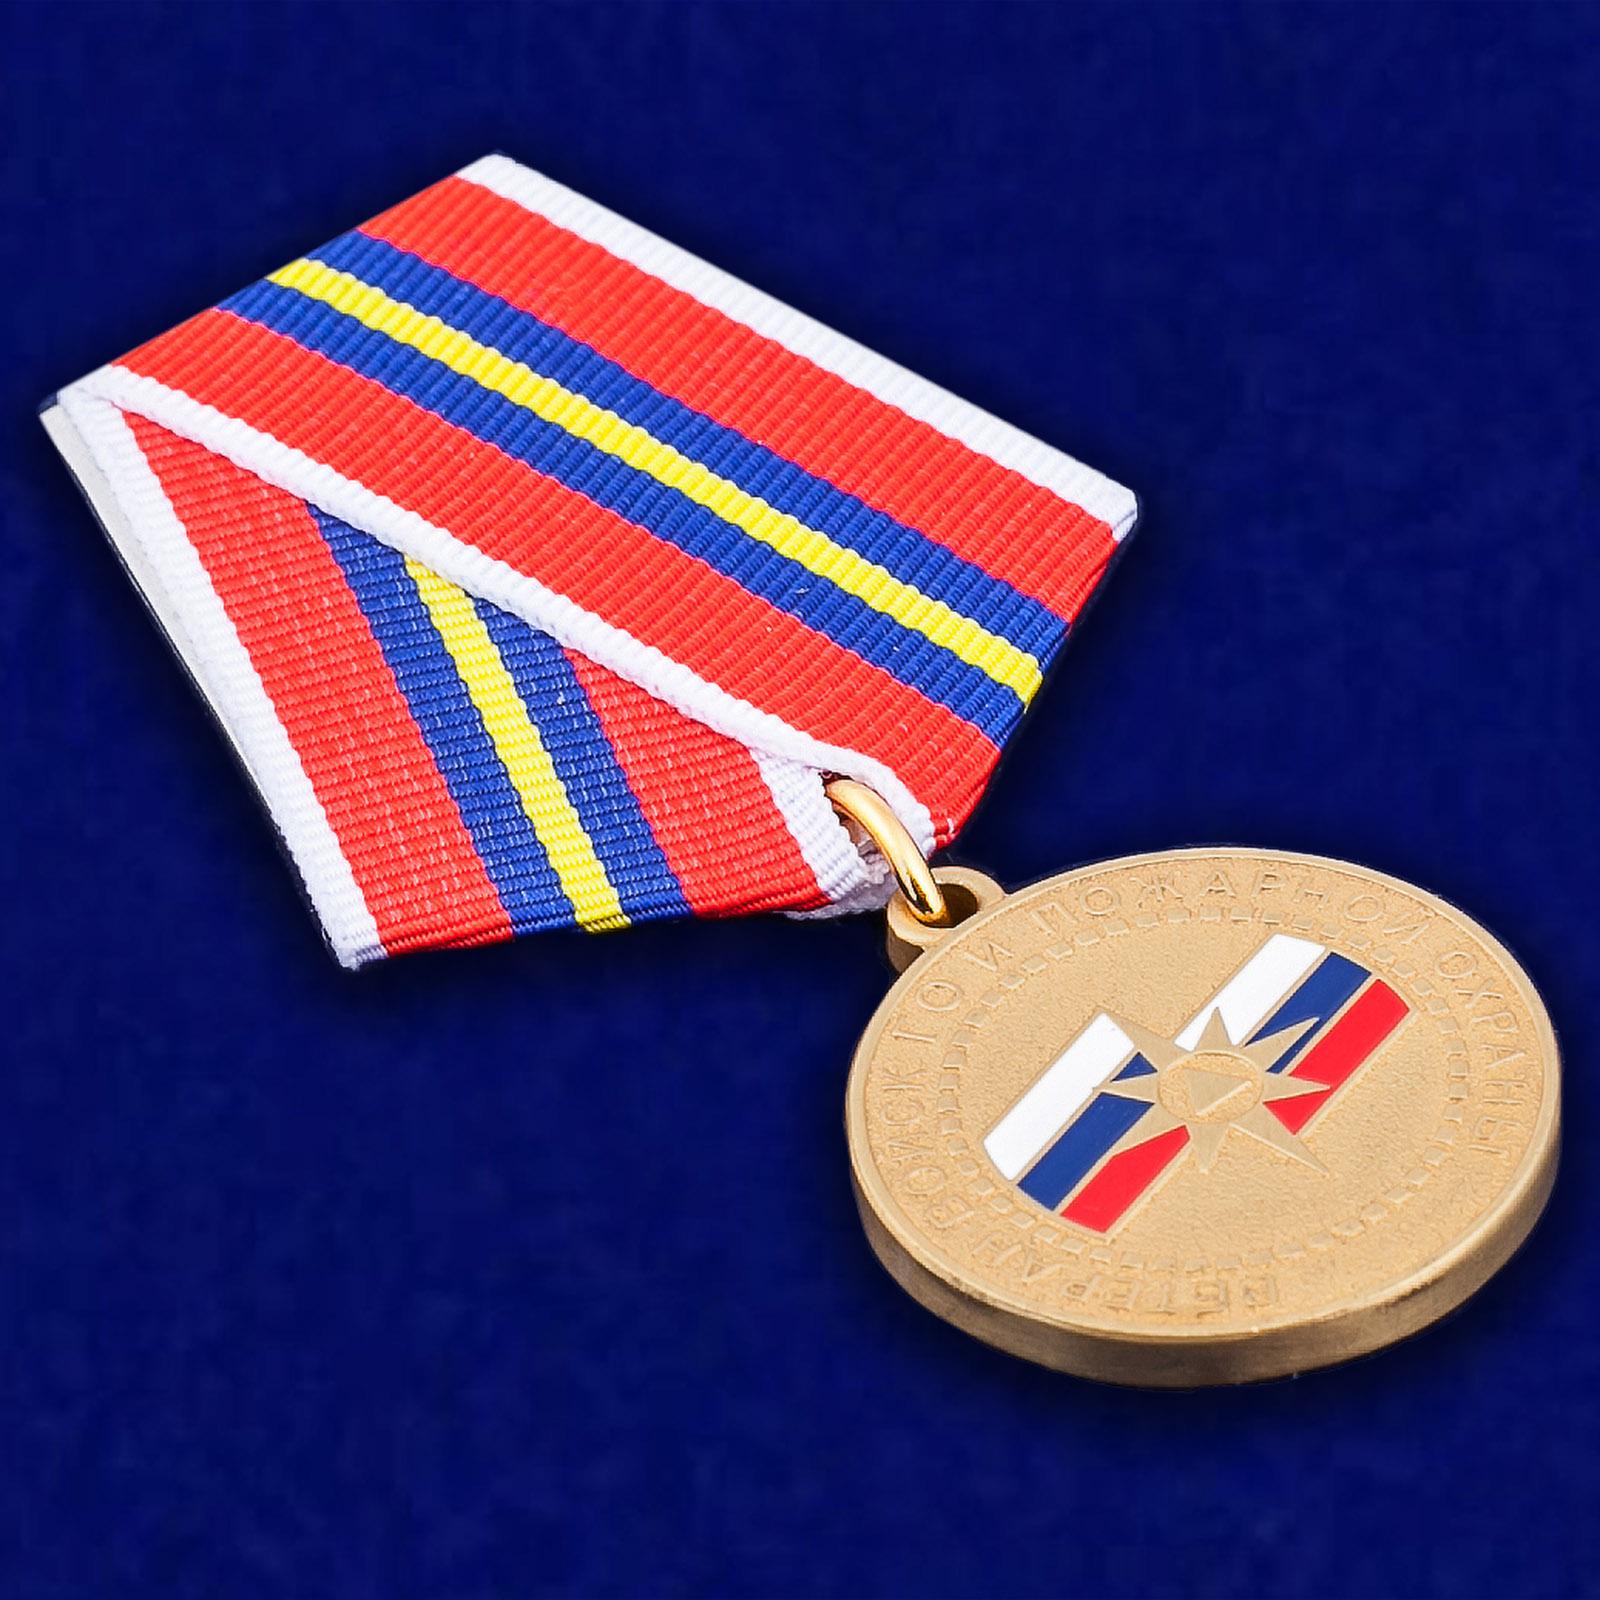 Медаль МЧС России Ветеран войск ГО и пожарной охраны - общий вид